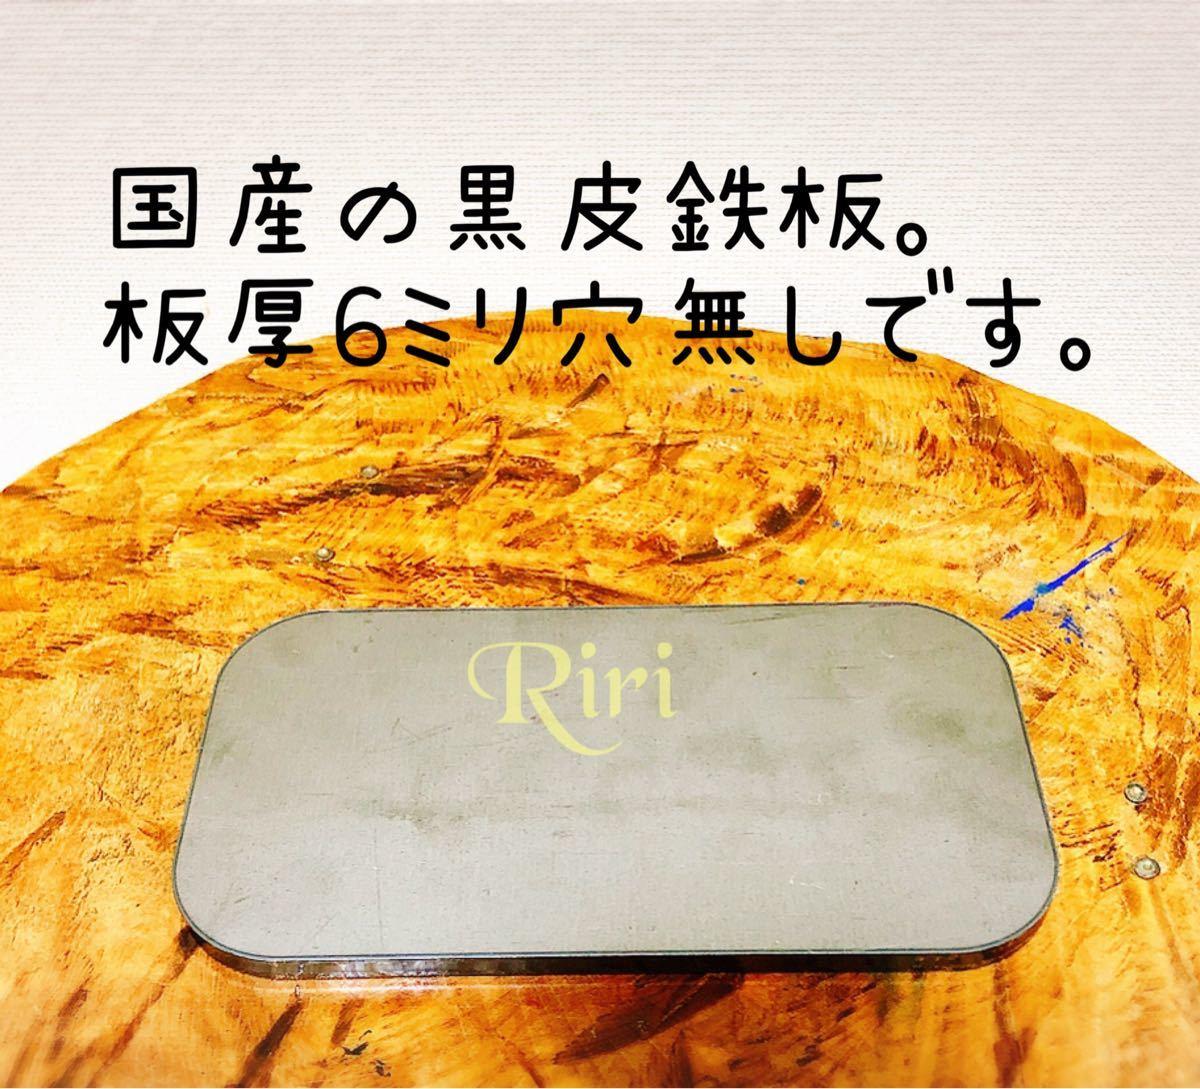 鉄板極厚/スモールメスティンに収納可能な鉄板/トランギア 板厚6ミリ/穴無しの黒皮鉄板/単品